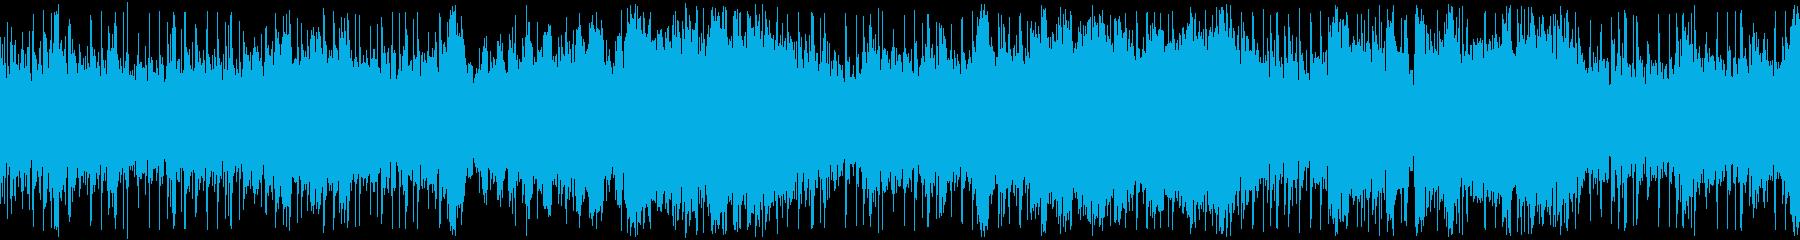 ゲーム用バトル、ダンジョン等ループBGMの再生済みの波形